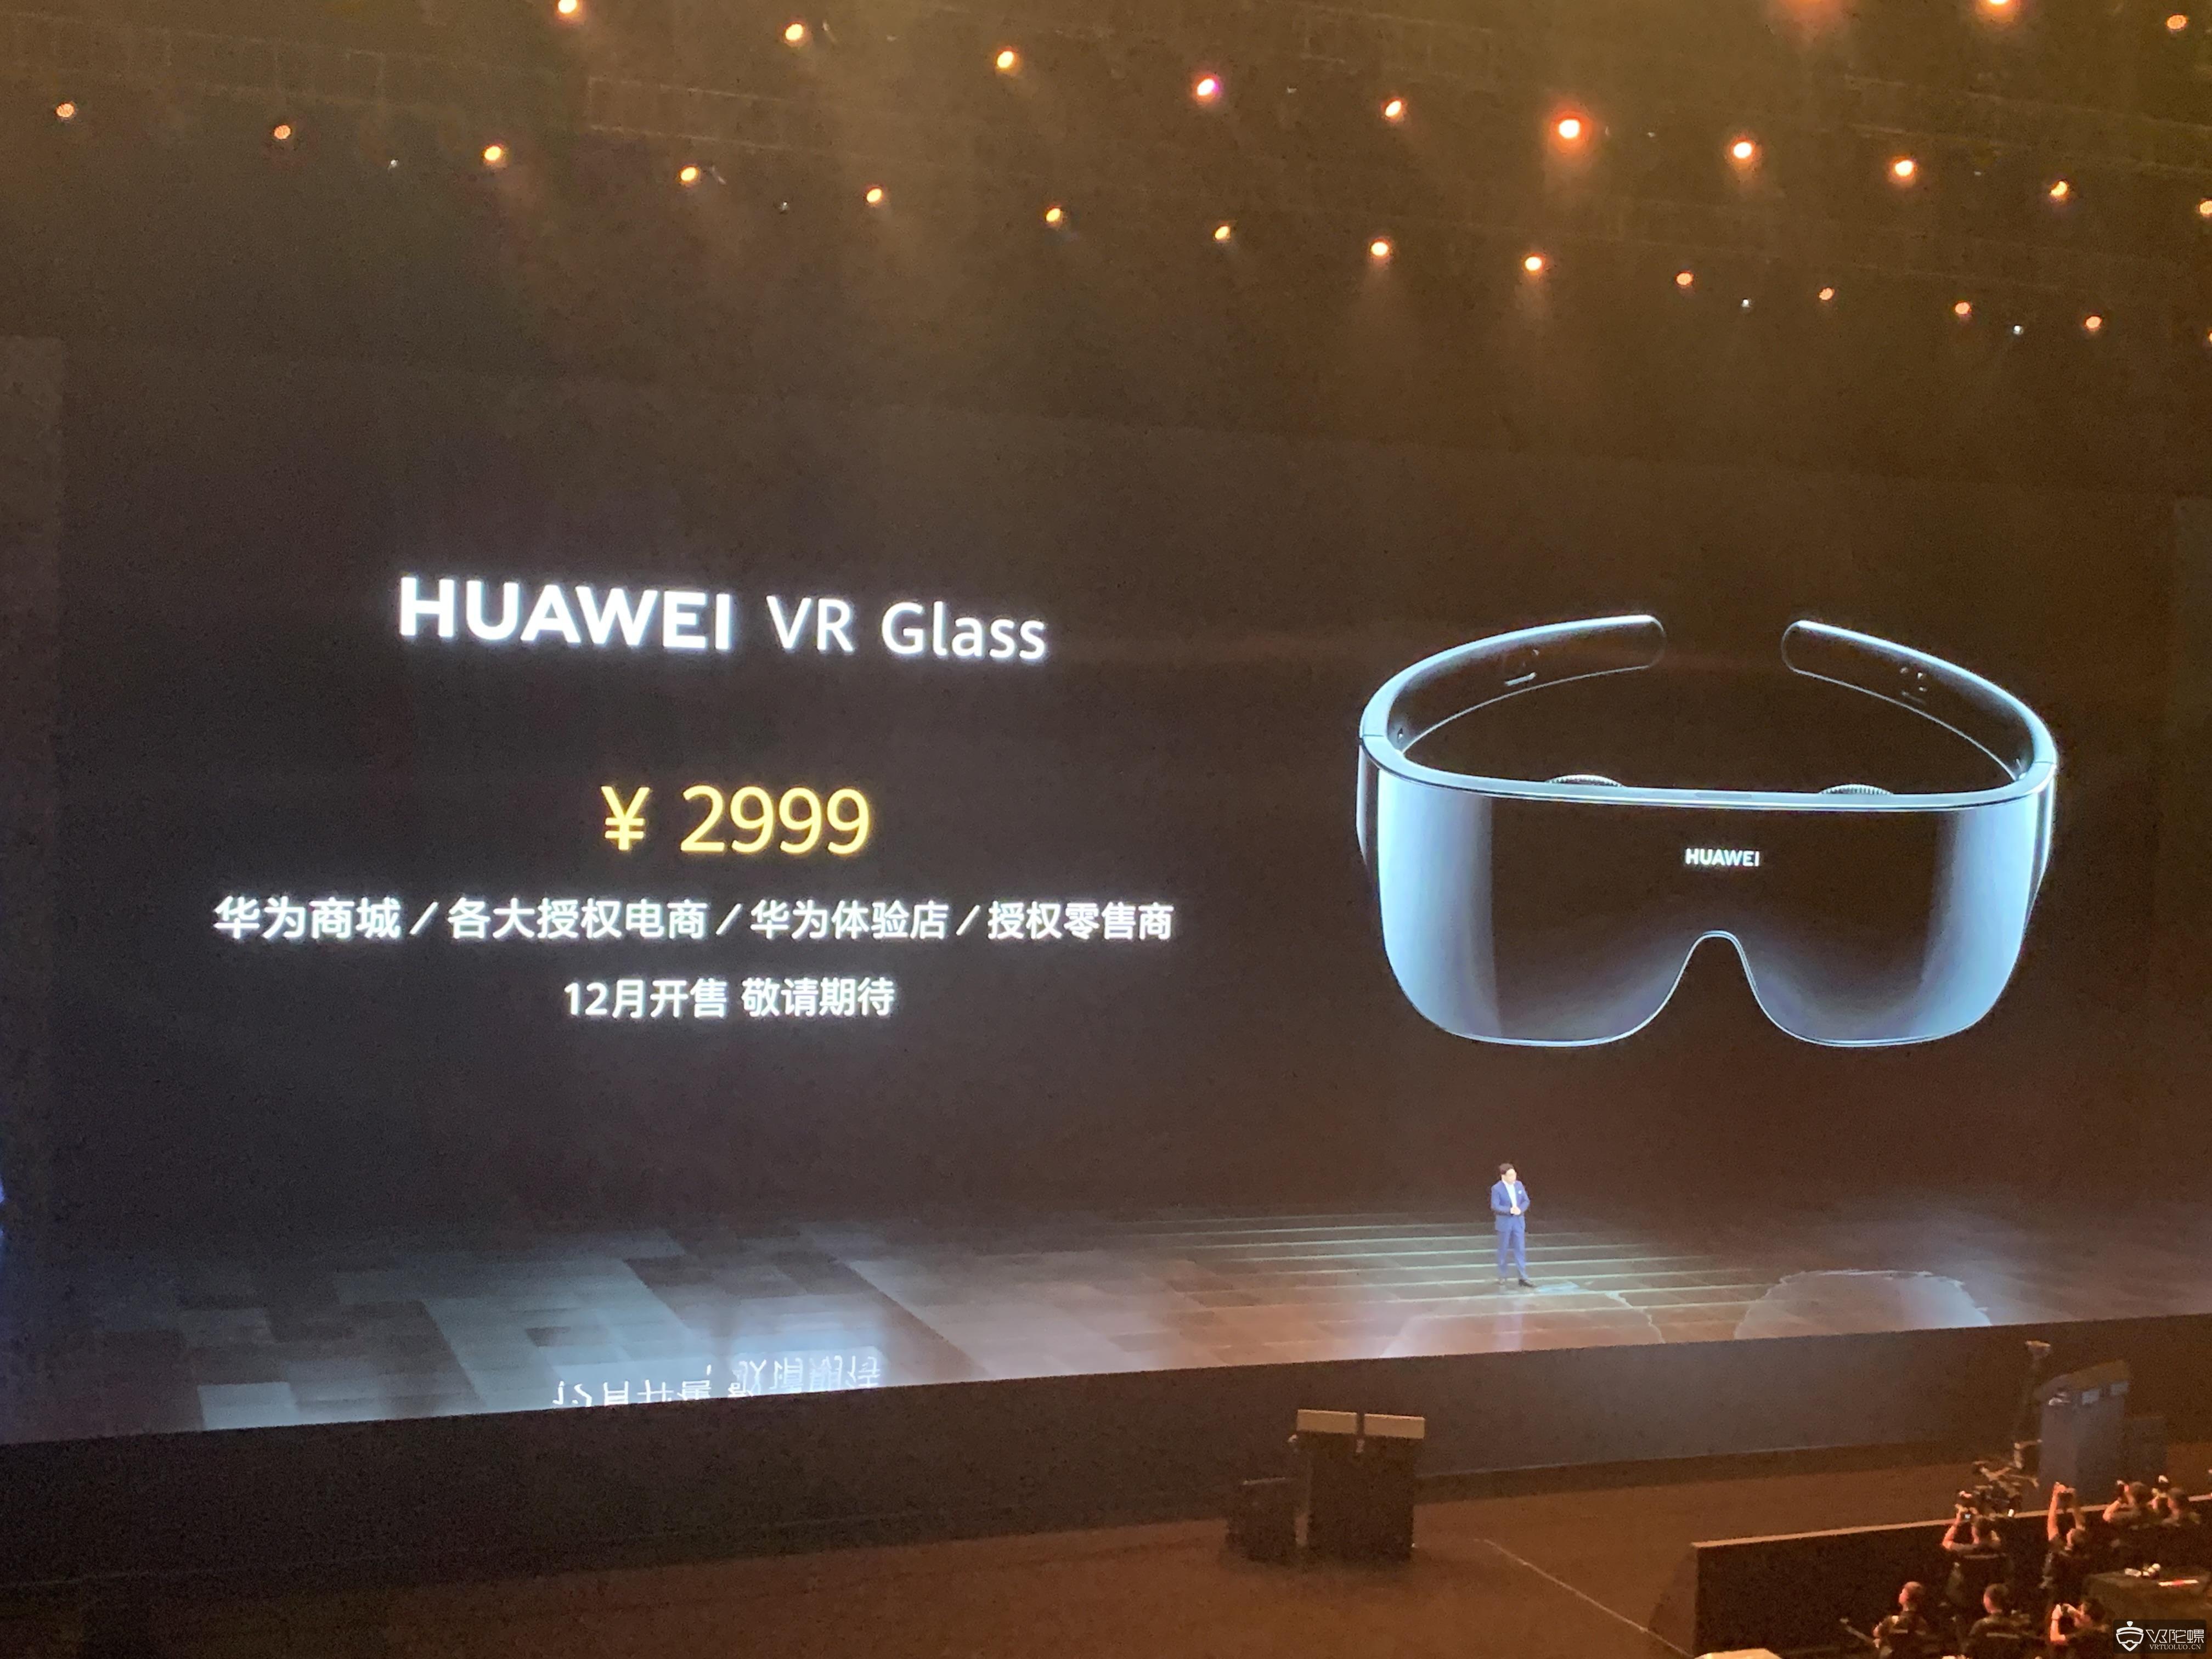 售价2999元,华为发布最新超轻薄VR Glass